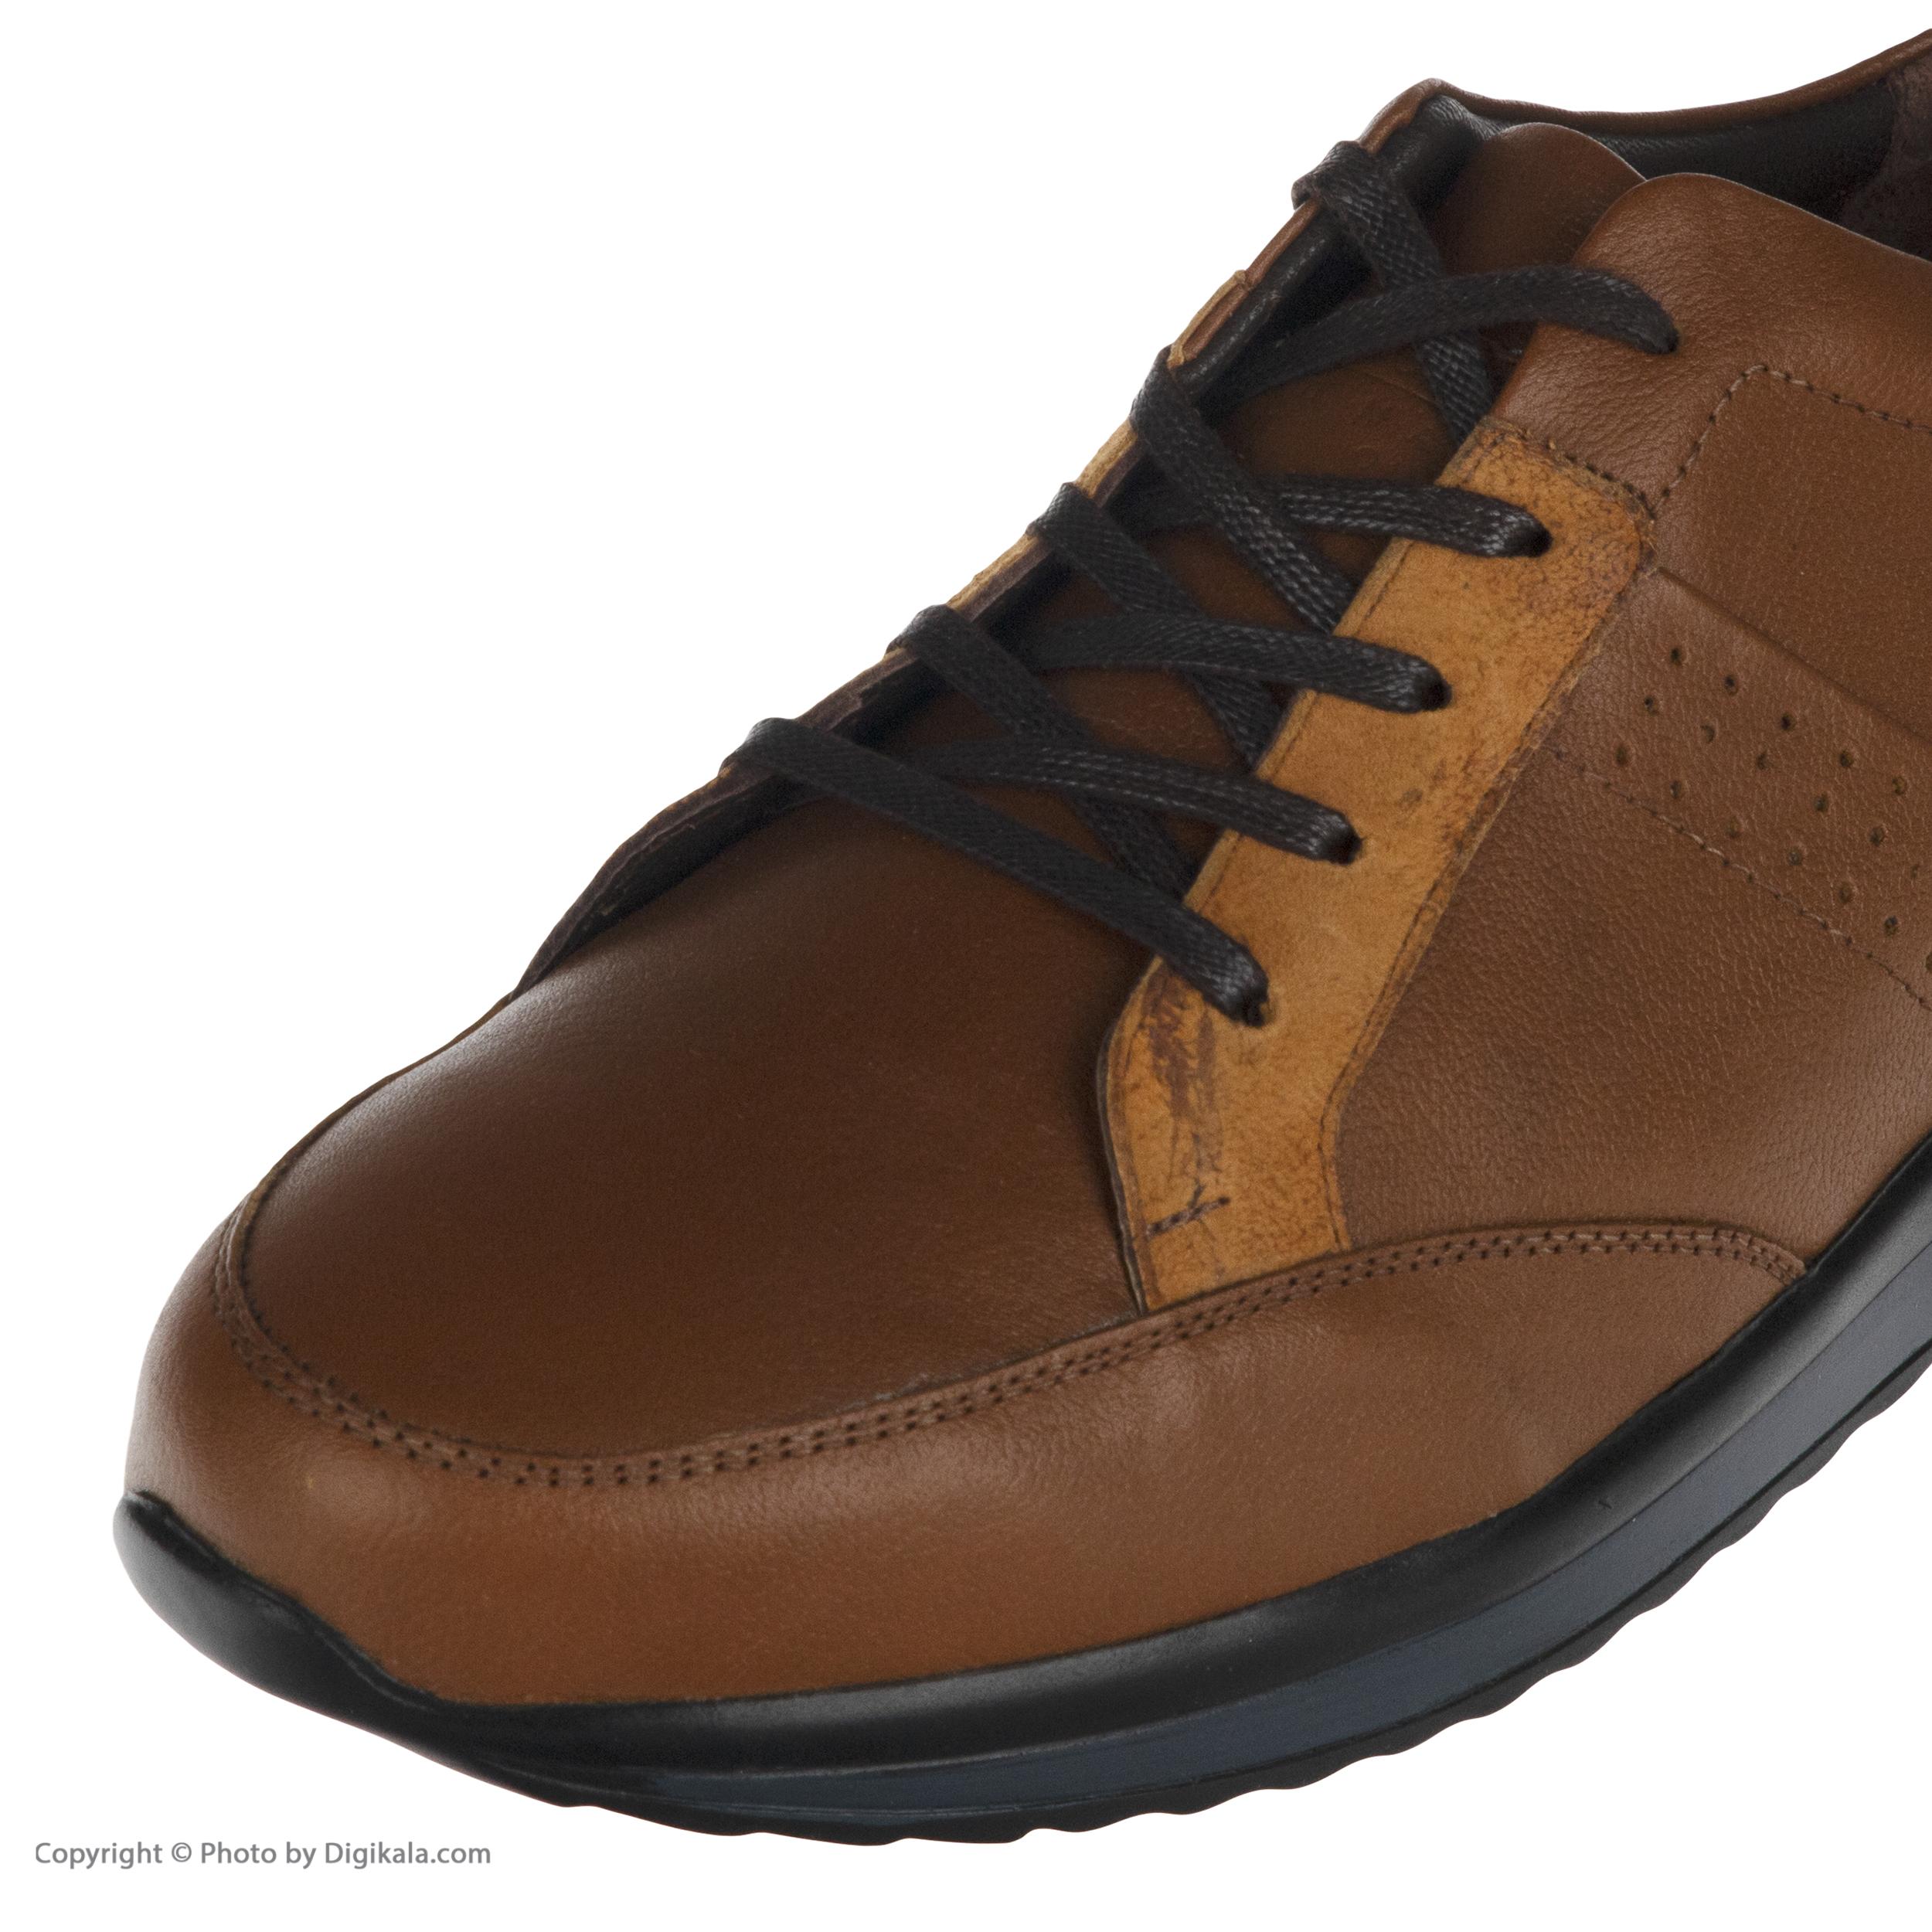 کفش روزمره مردانه بلوط مدل 7298A503136 -  - 8